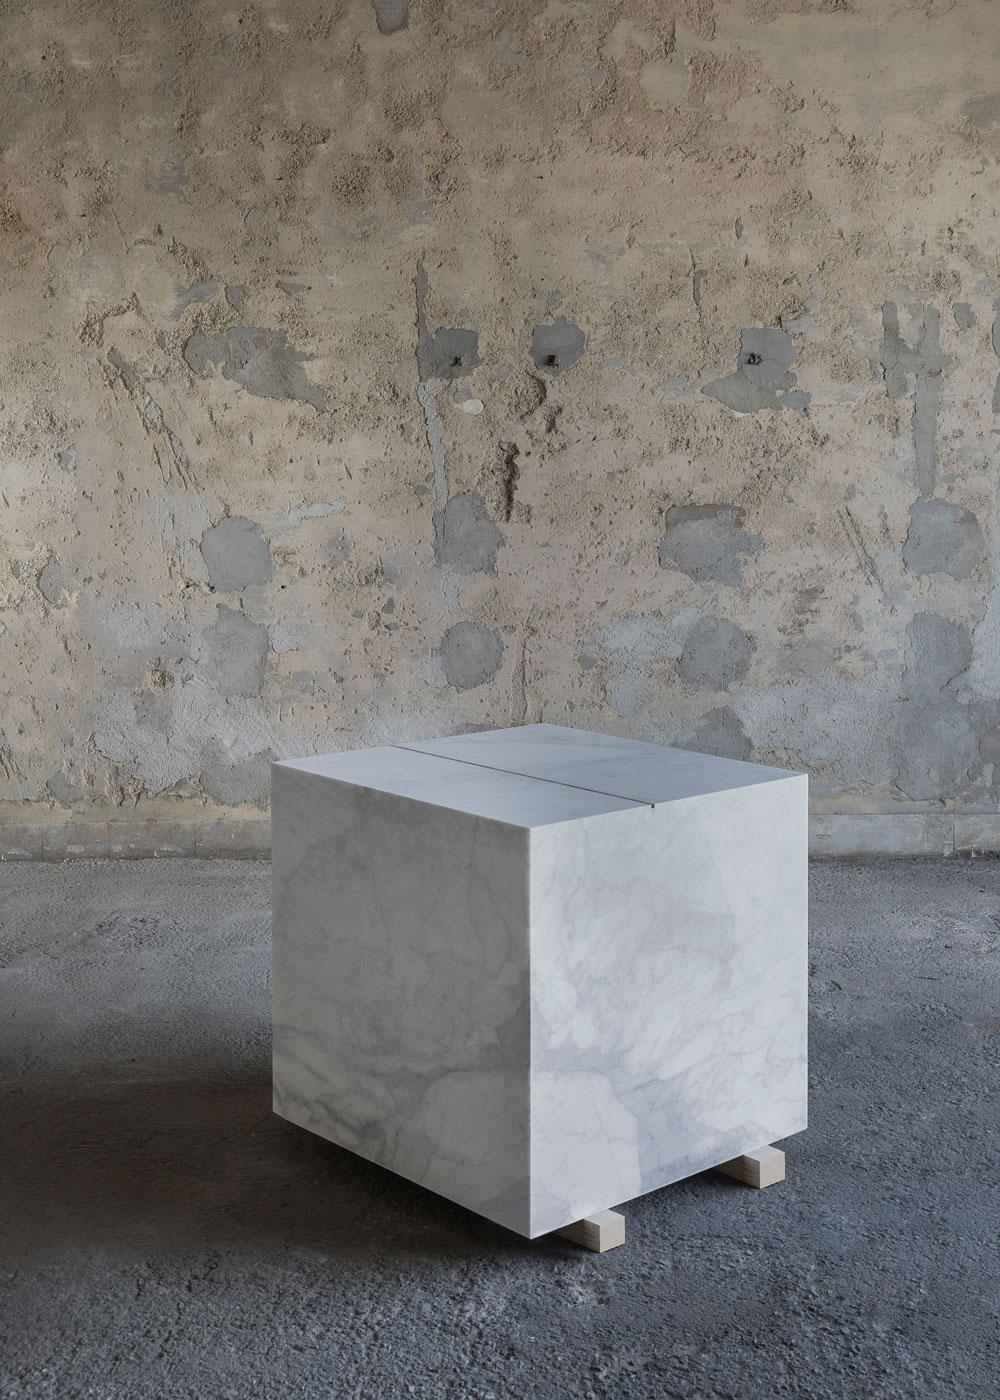 Francesco Arena, <i>Metro cubo di marmo con metro lineare di cenere</i>, 2018